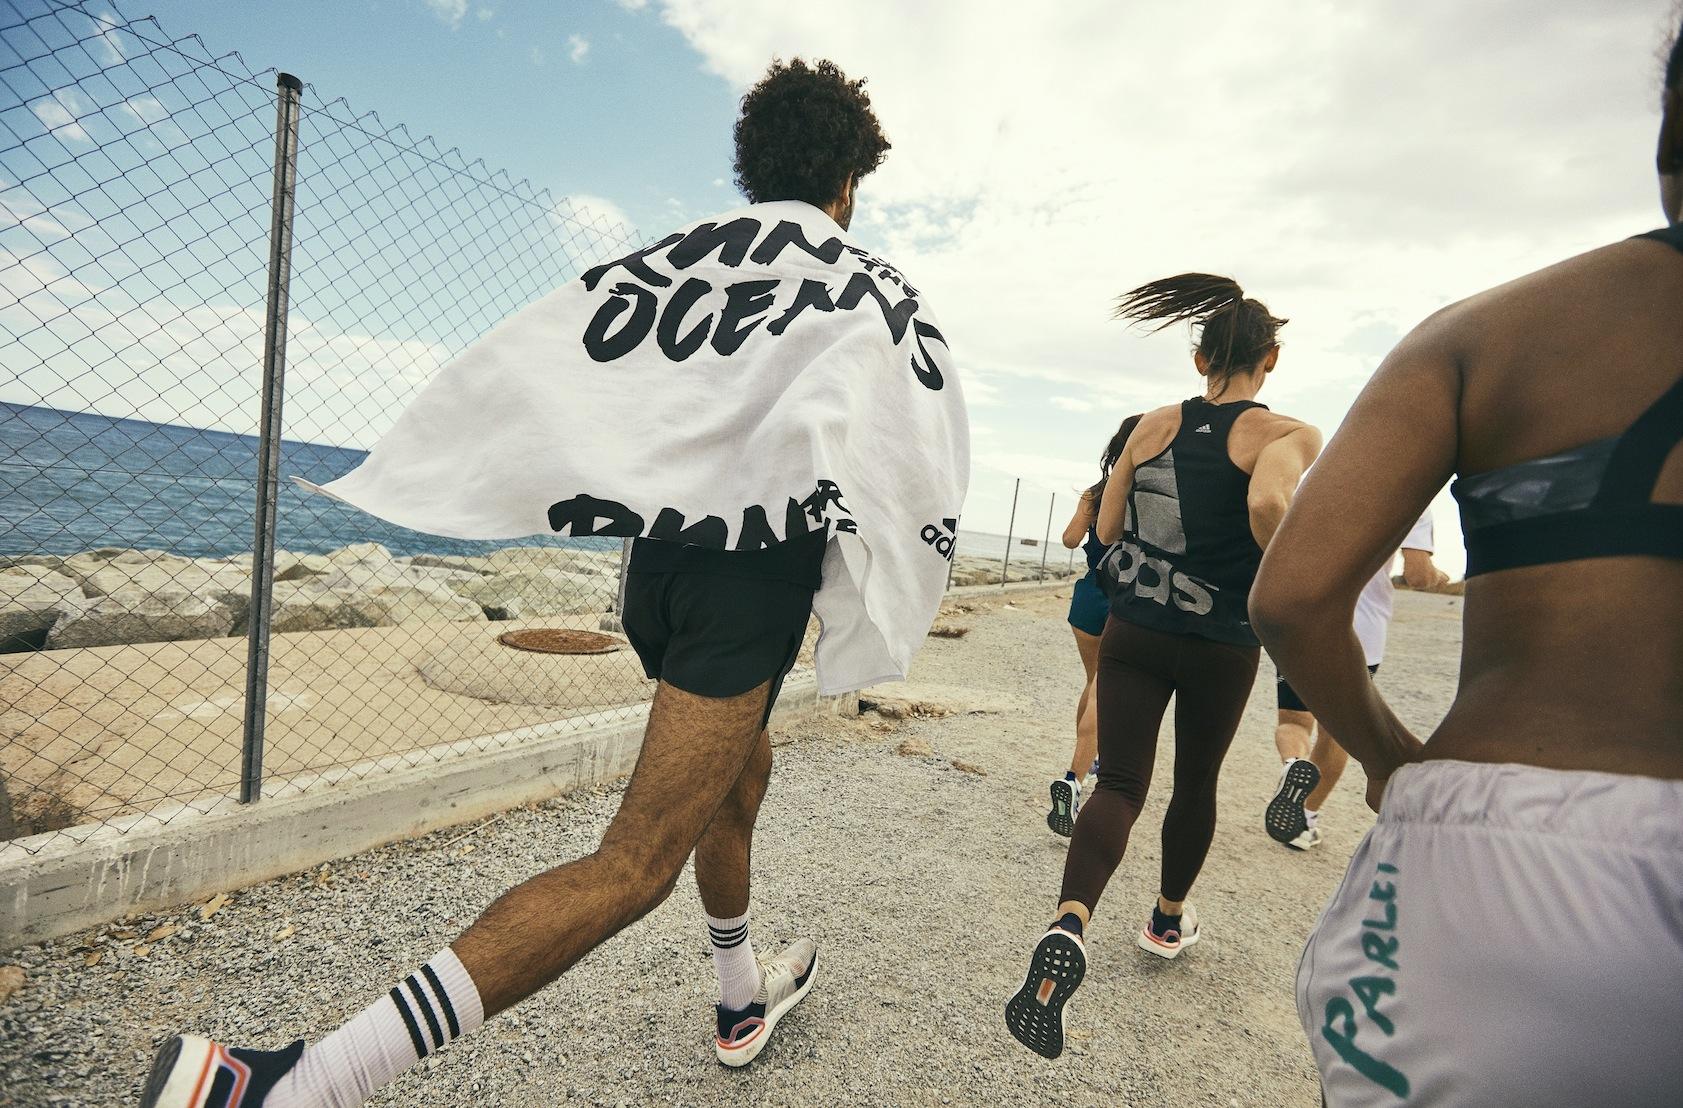 海洋プラスチック汚染にNO<br>adidas、走って寄付するイベント